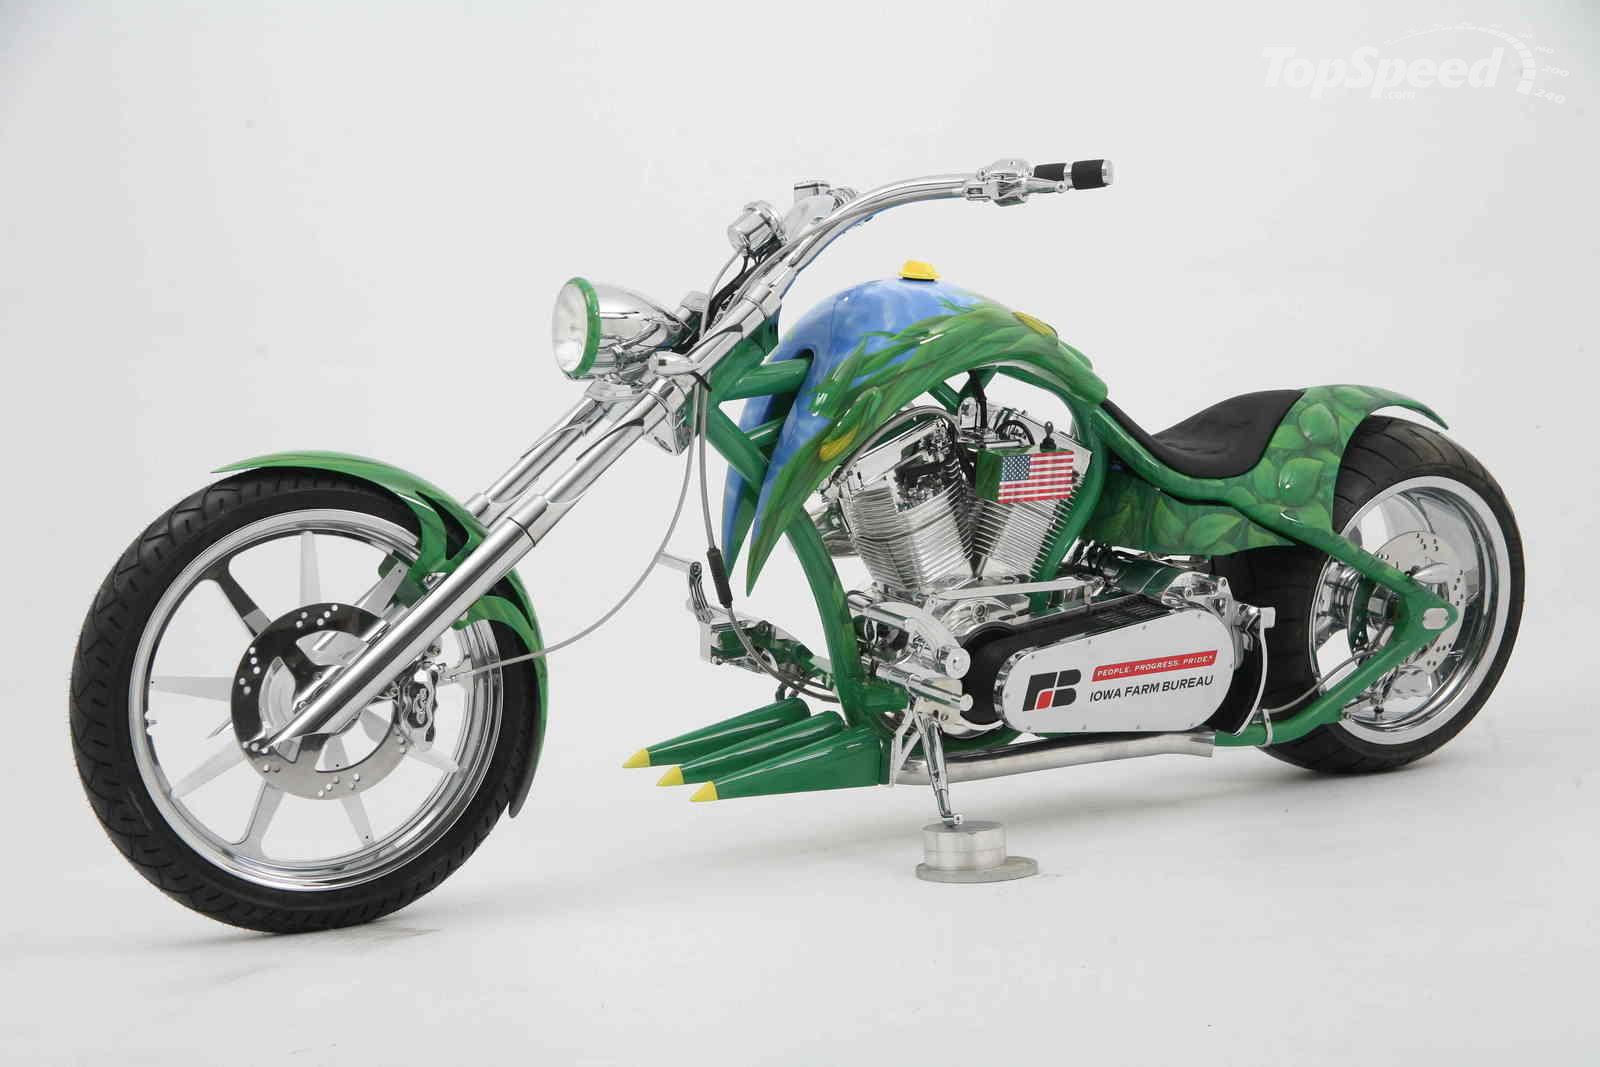 Galería De Fotos Motos Chopper/custom